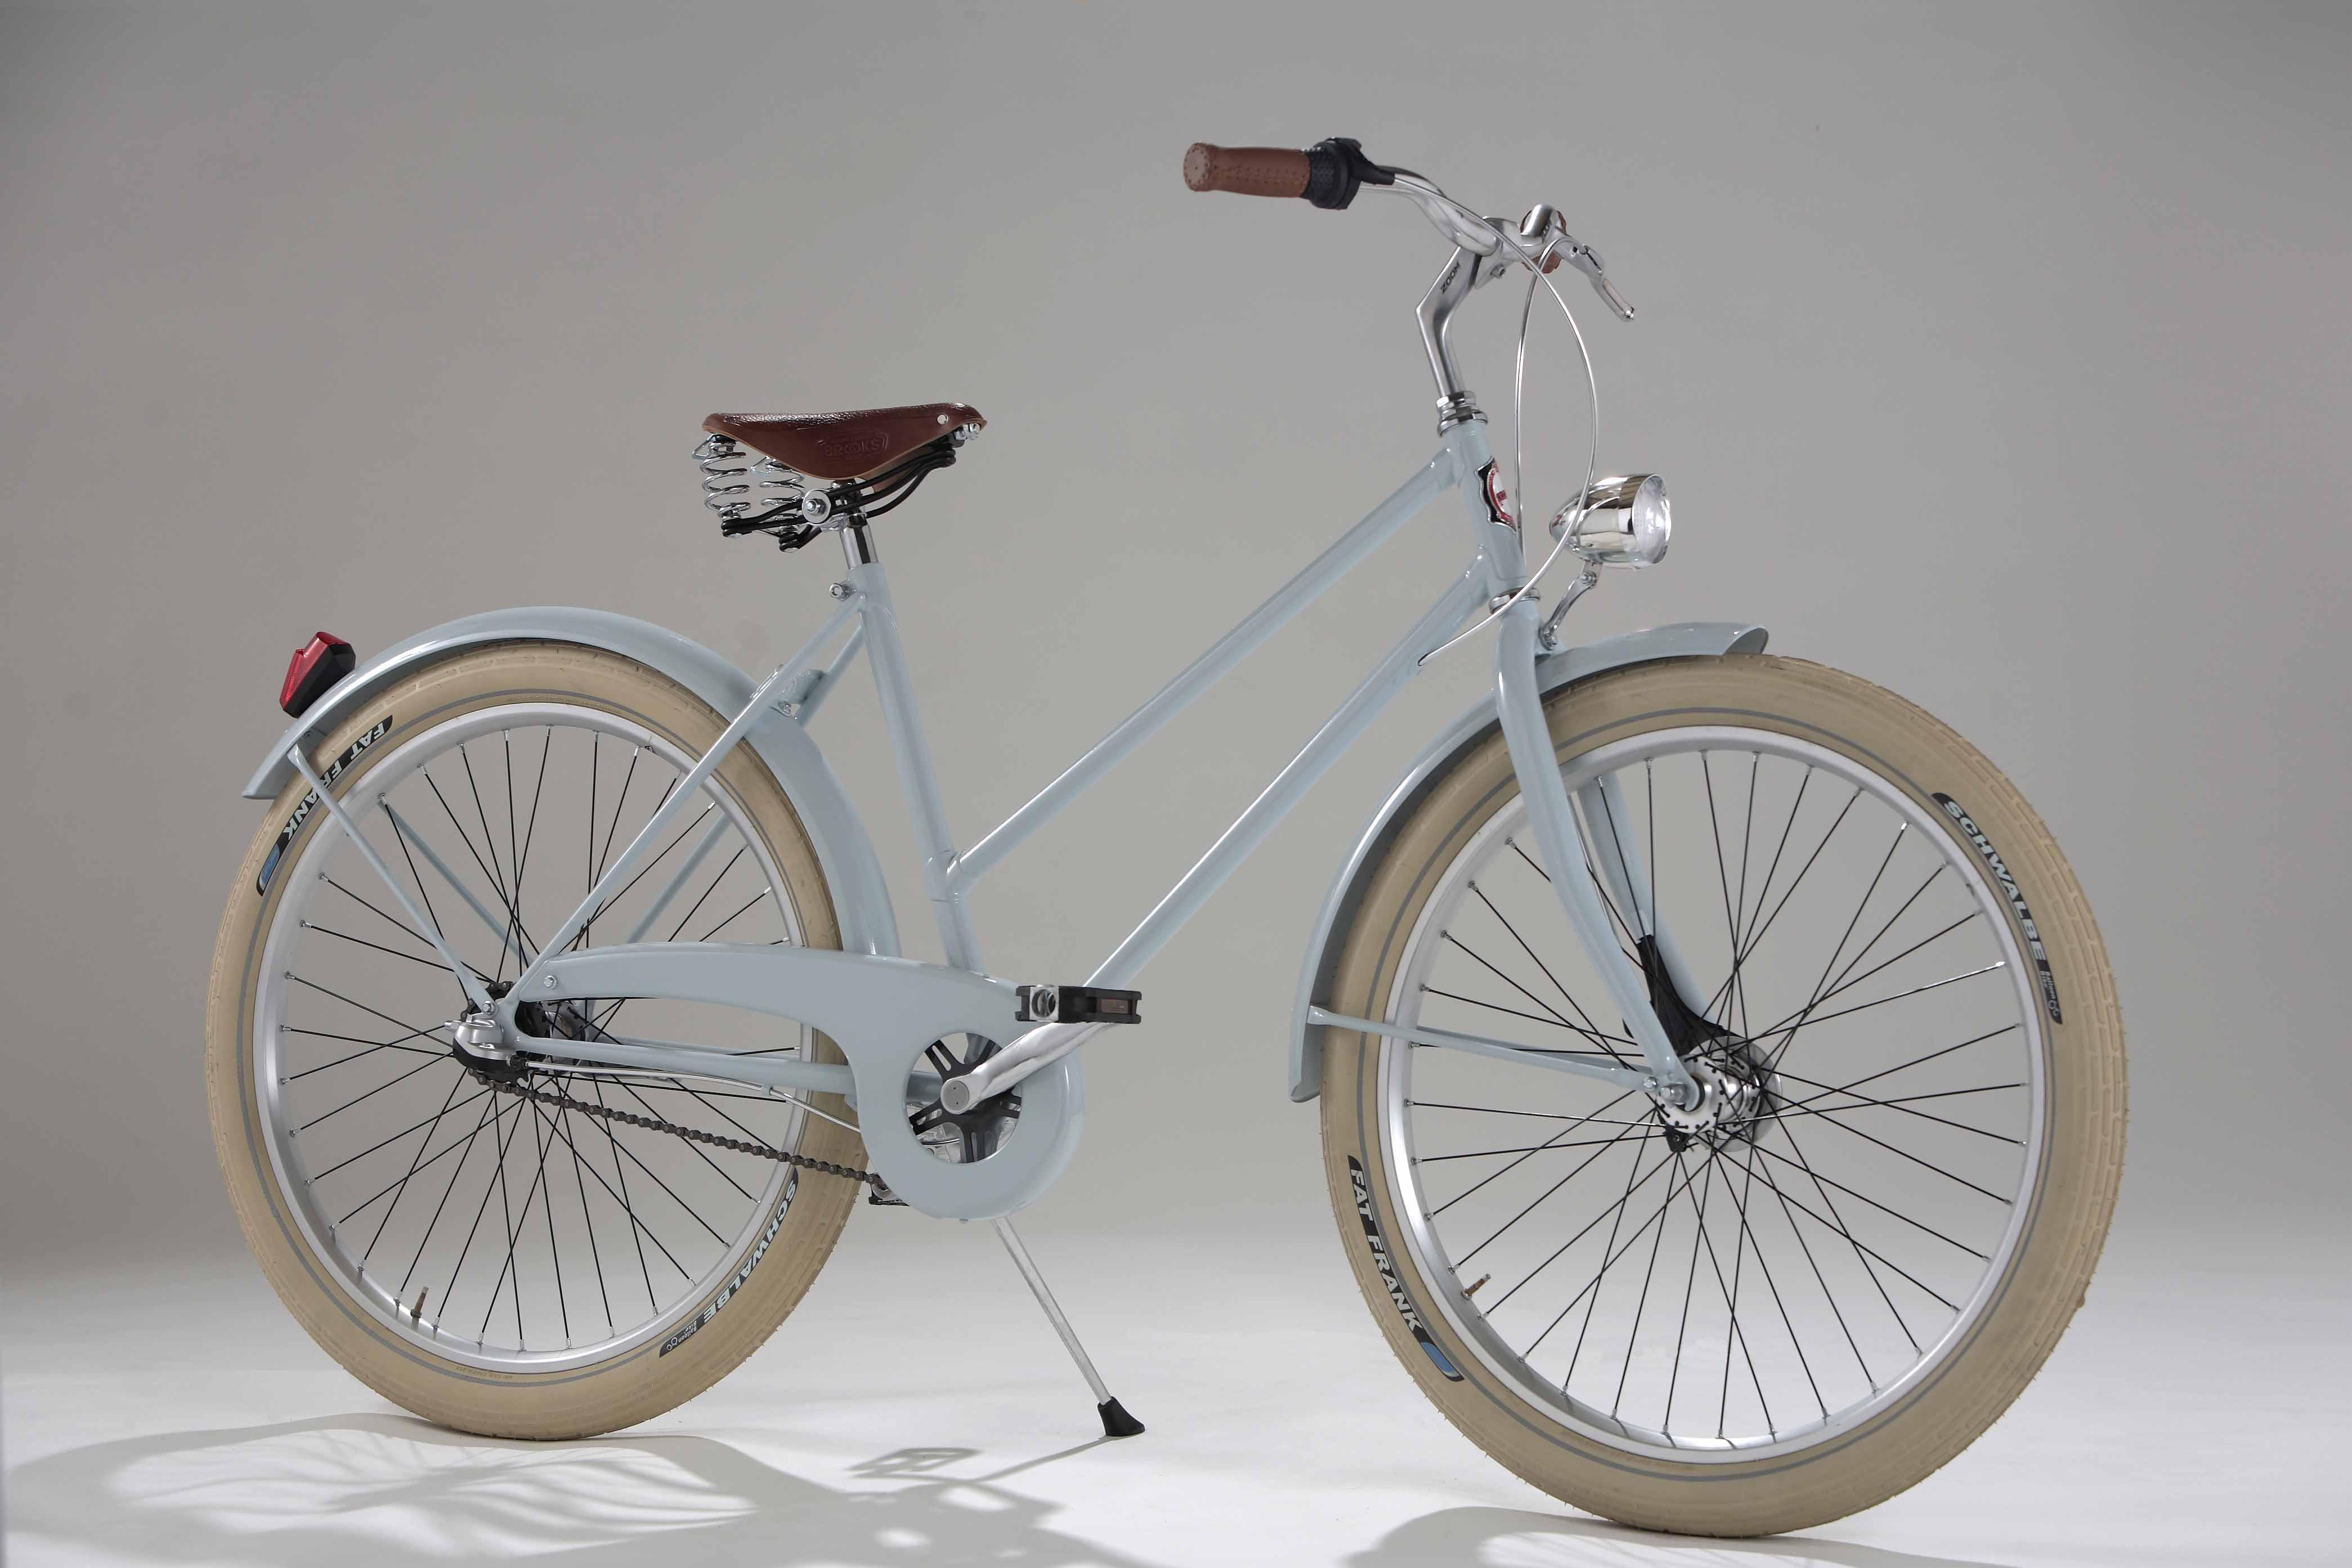 incentivi bici elettriche 2014 veneto italian - photo#20